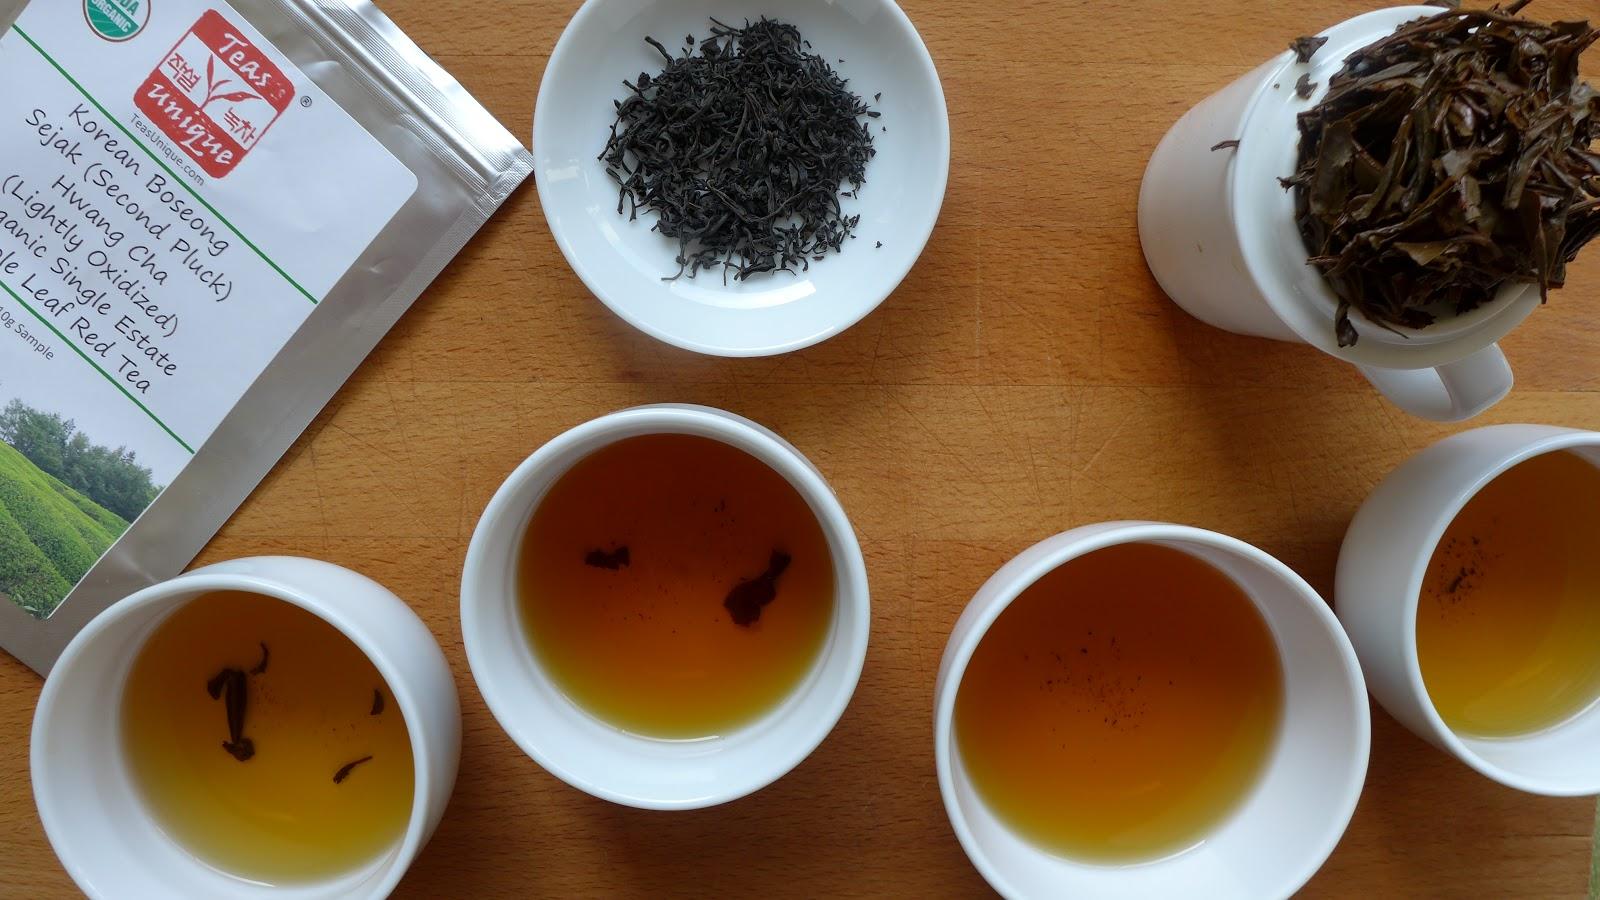 File saenggang cha korean tea jpg wikimedia commons - Notes On Tea Teas Unique Korean Hwang Cha